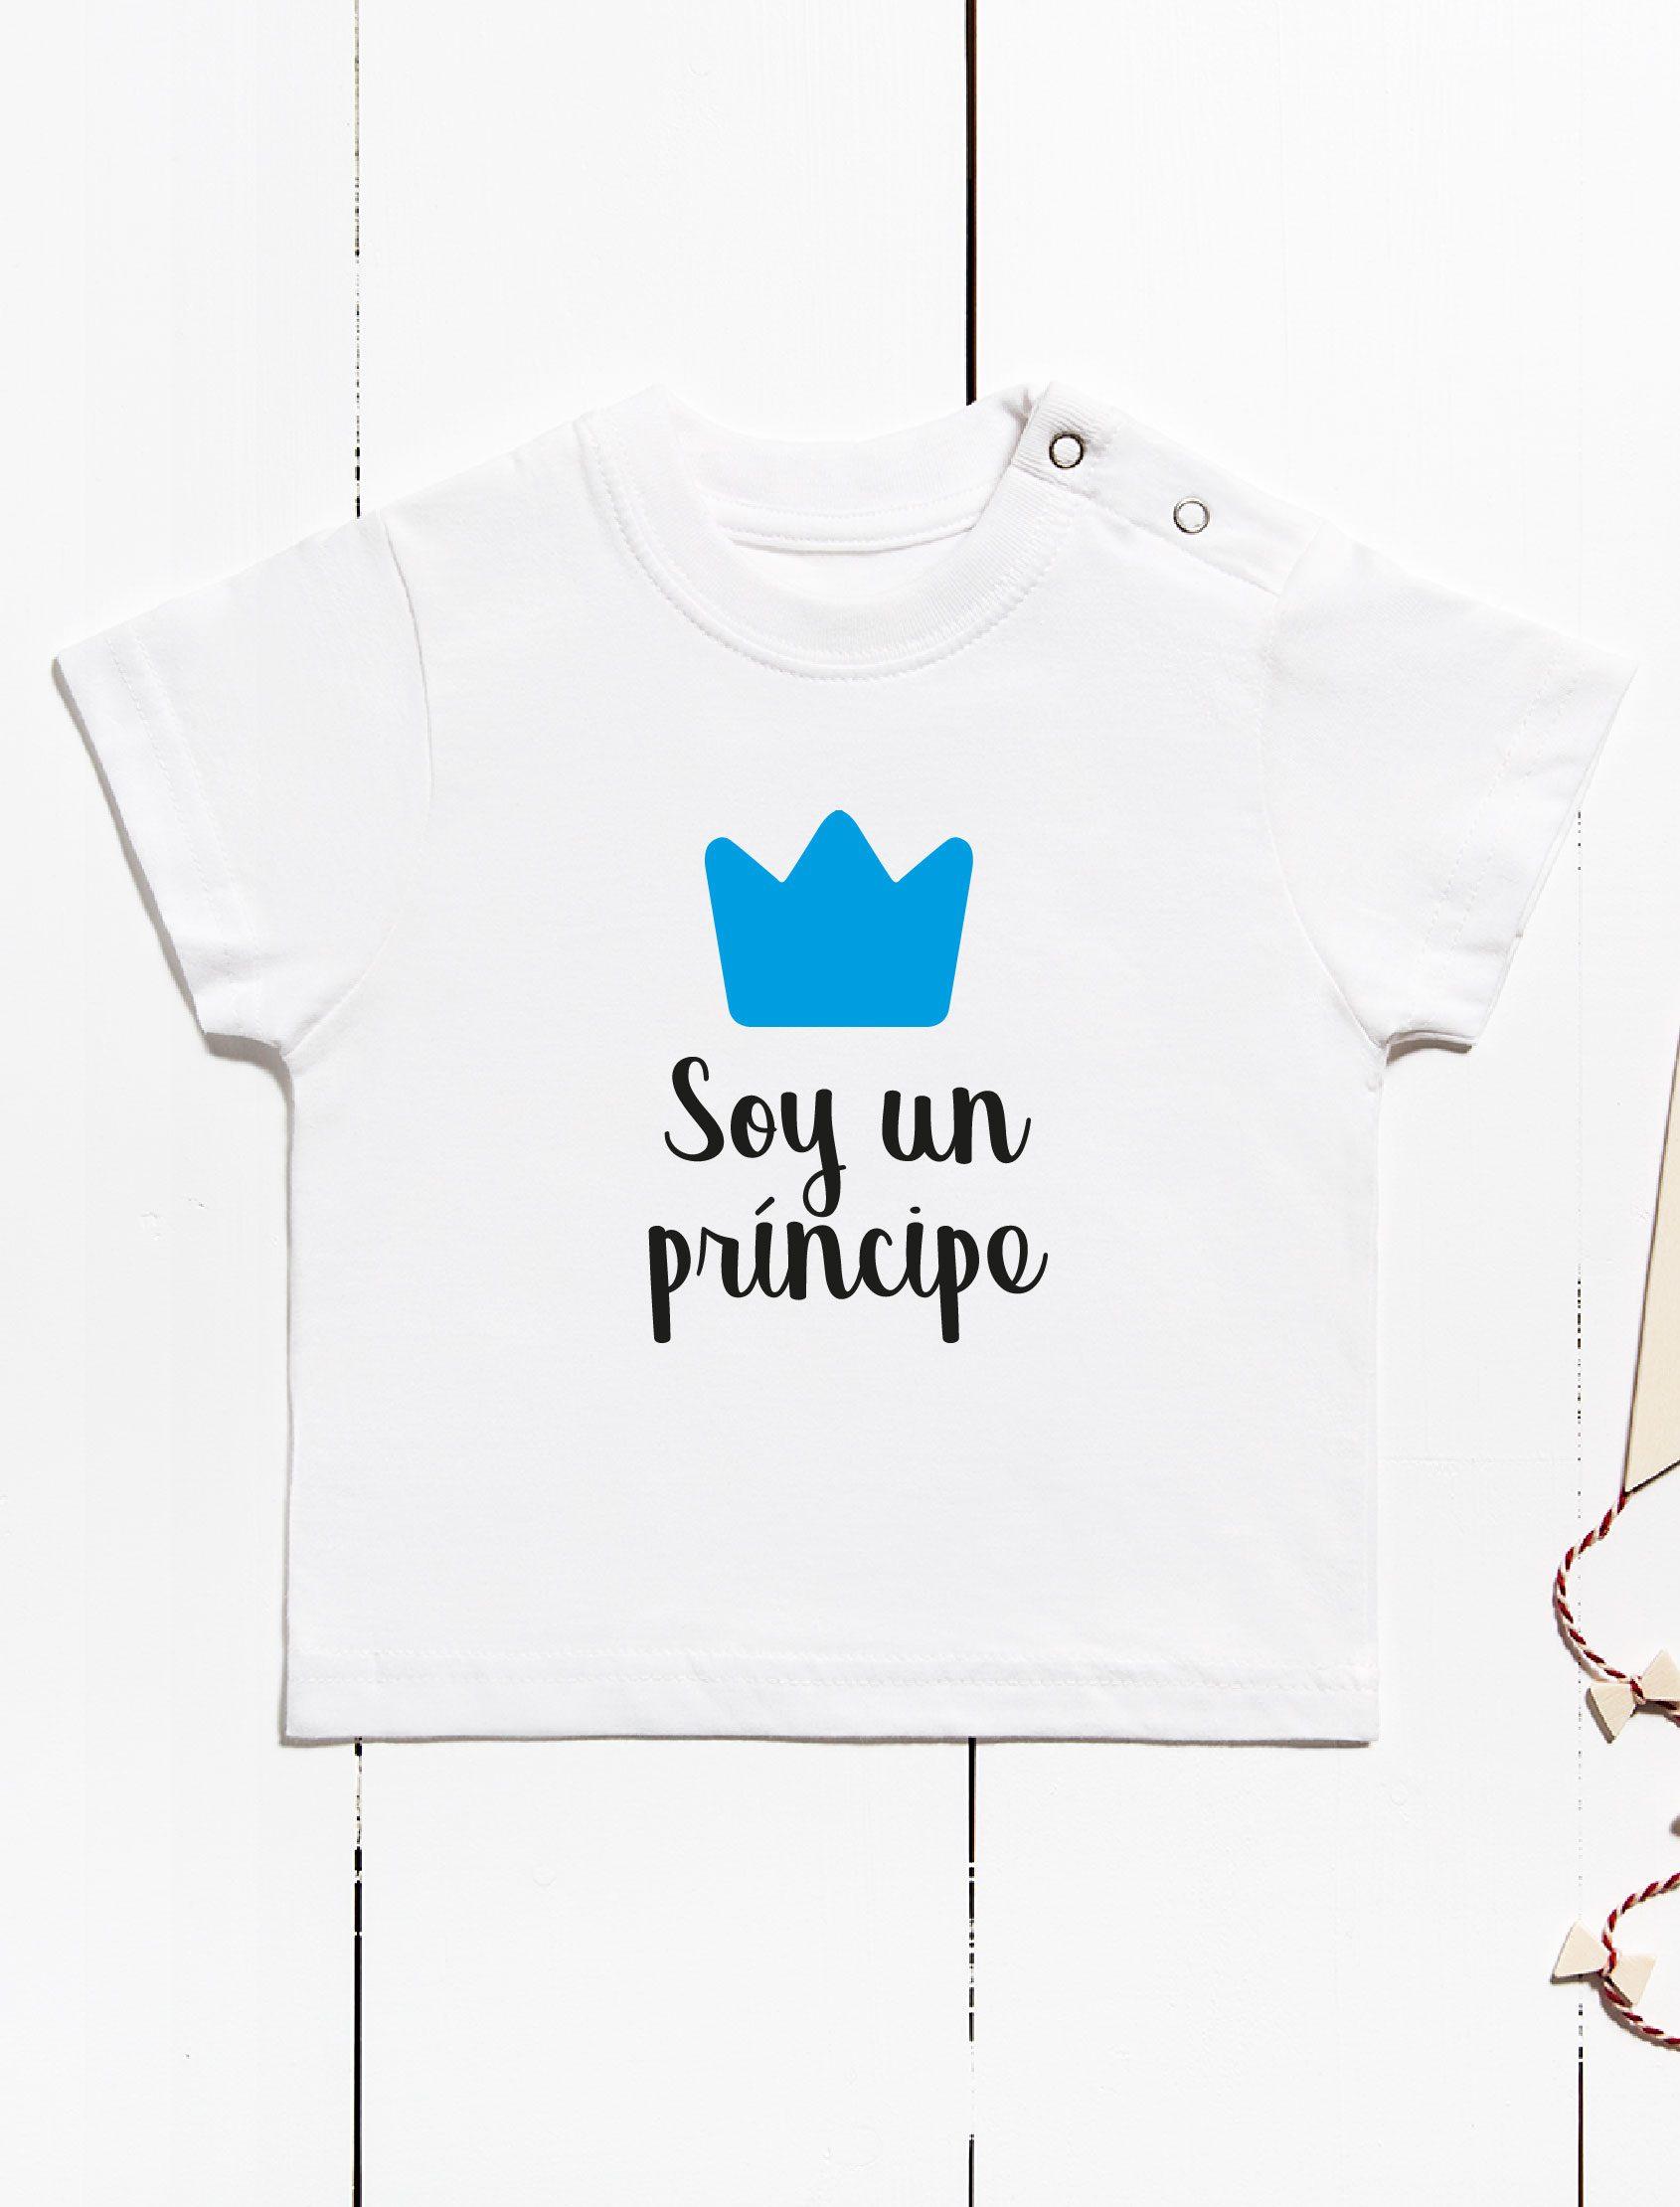 camiseta infantil con mensaje soy un principe y corona azul